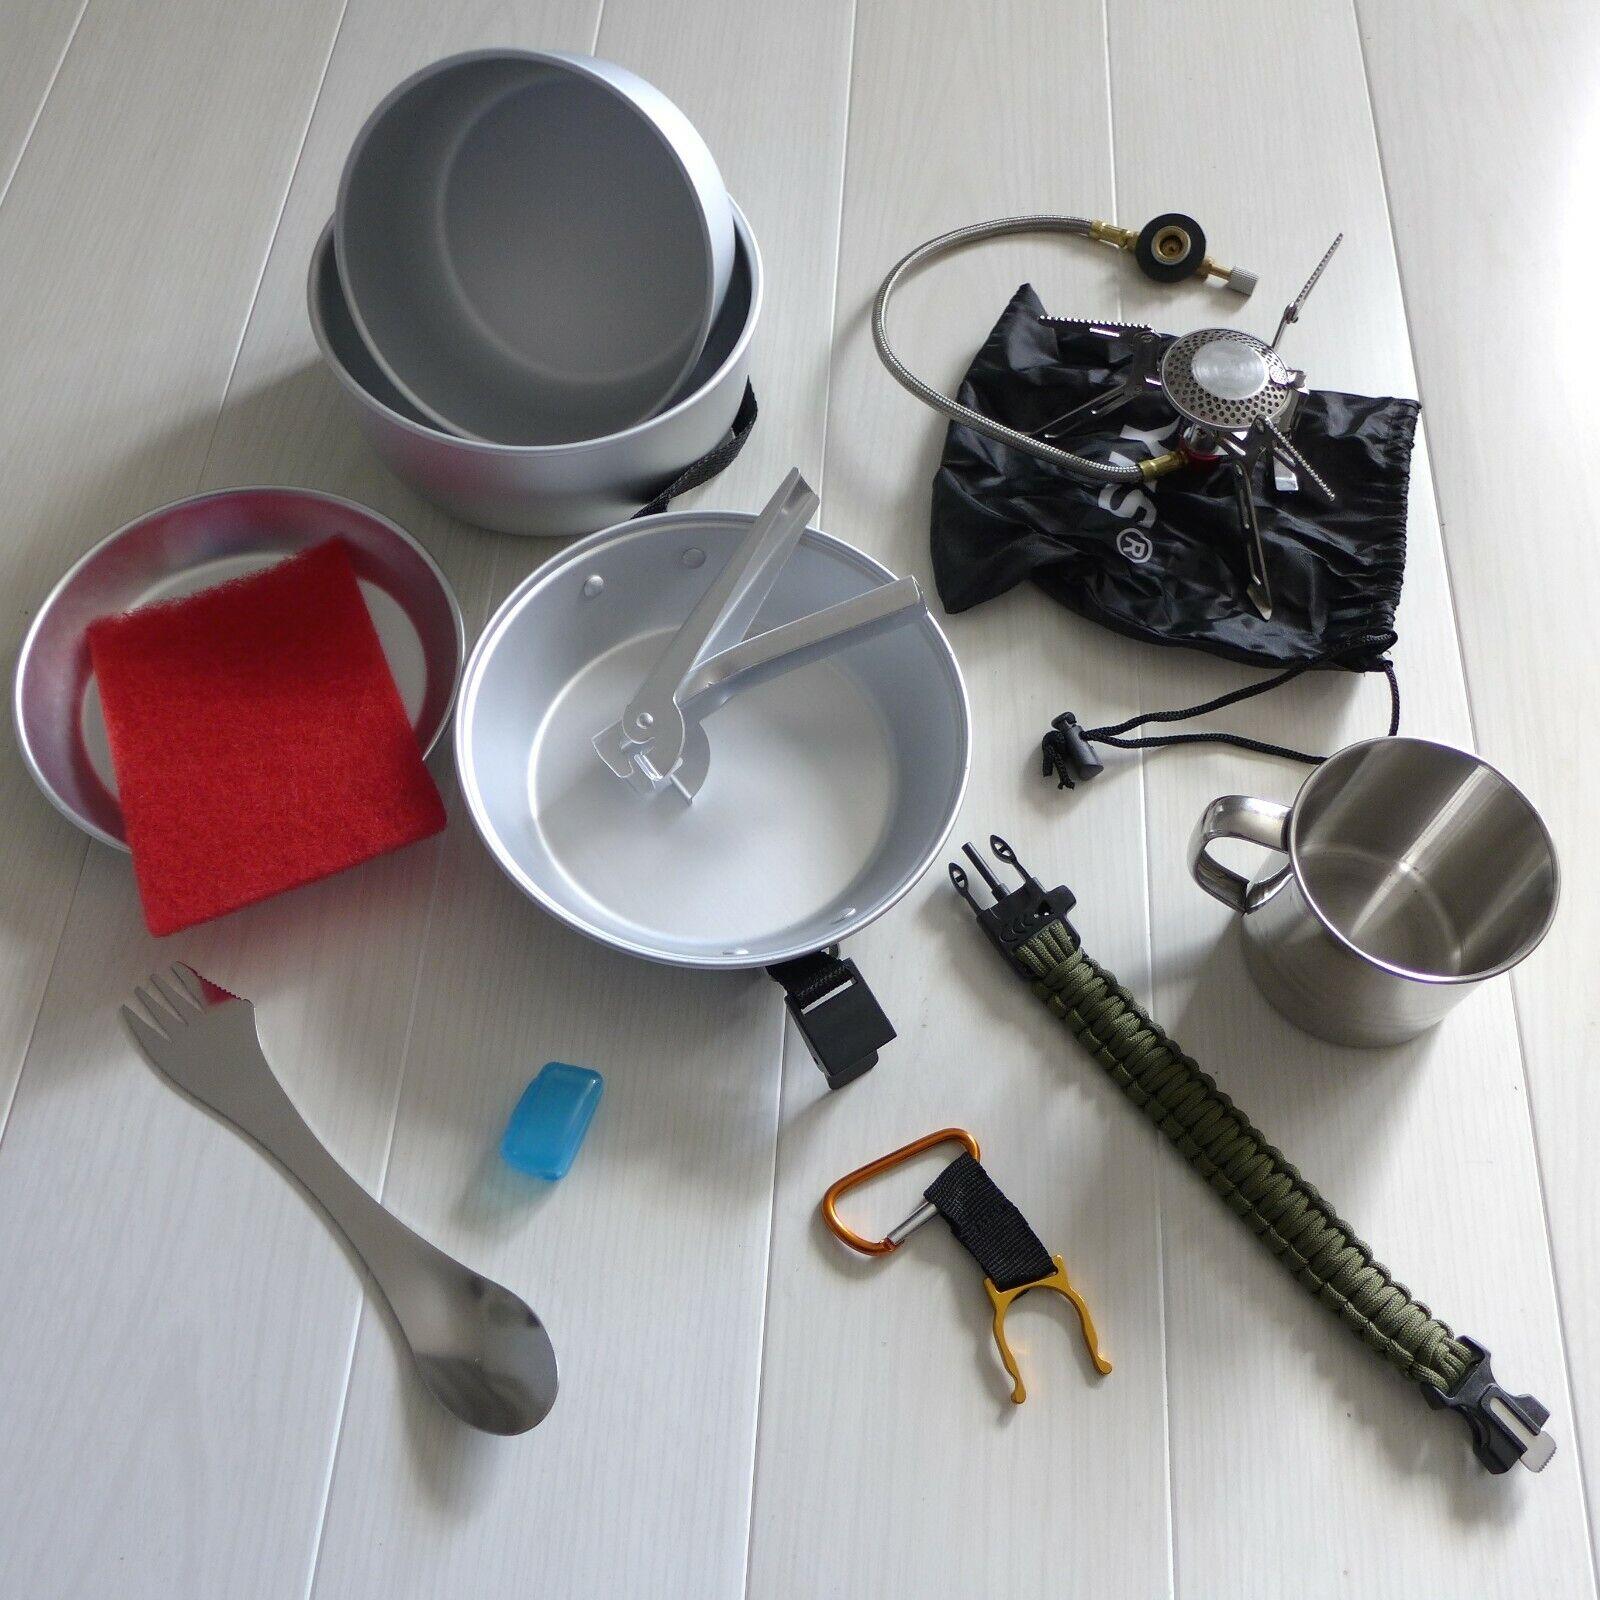 DofE Lightweight Camping Stove, Lightweight Cooking Set, SS Spork, Ali Pot Set +